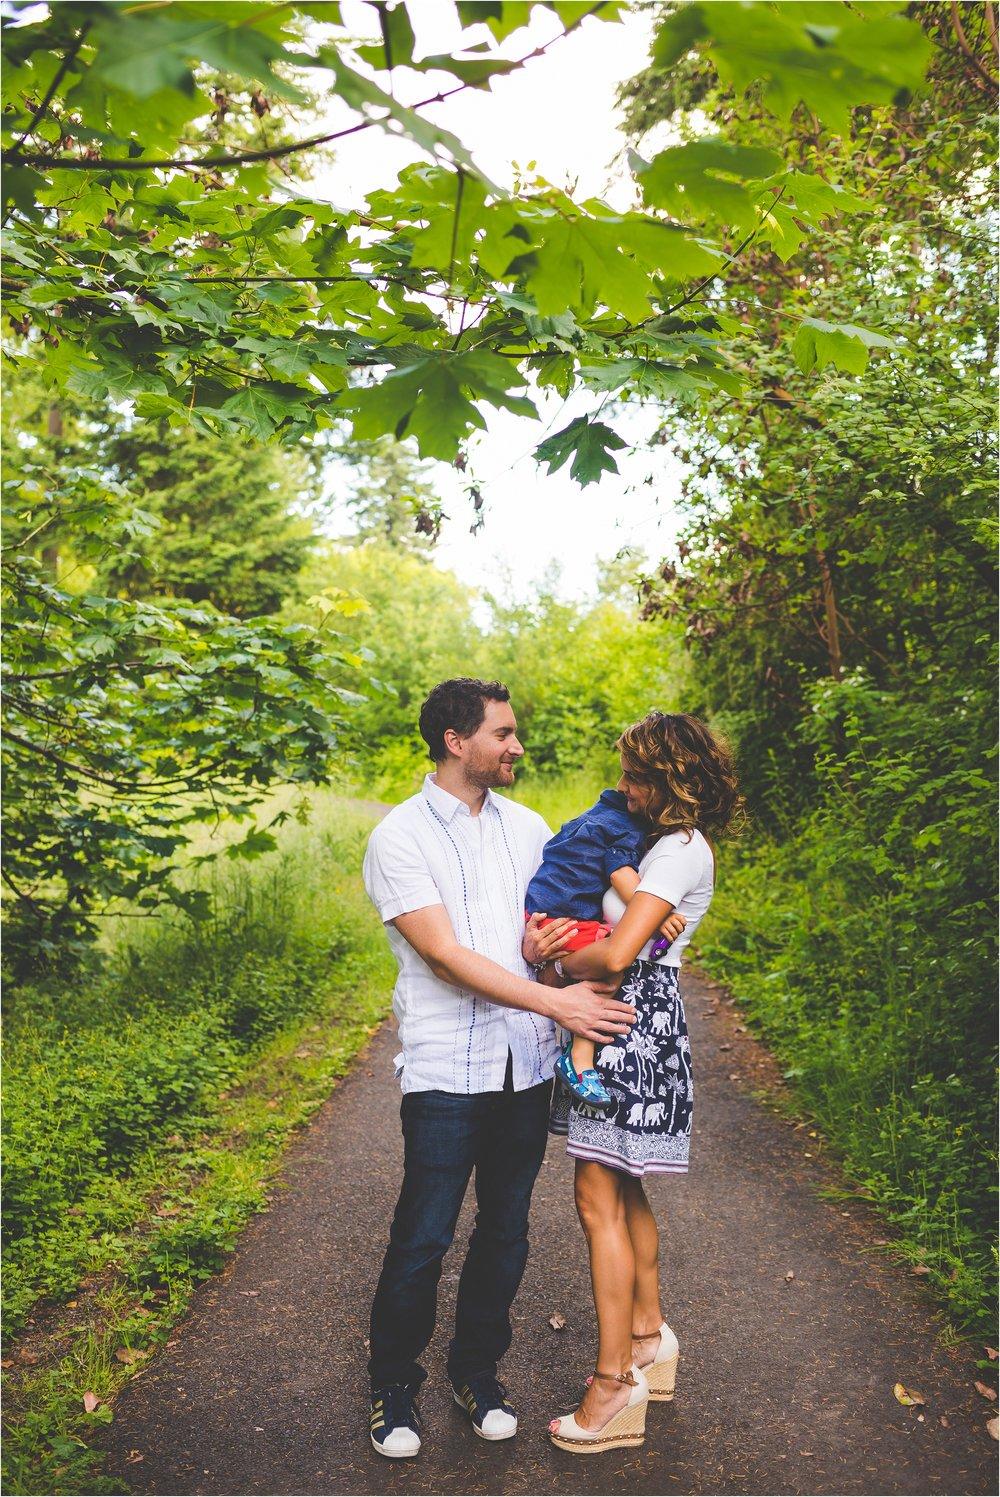 hoyt-arboretum-family-session-jannicka-mayte-portland-oregon-family-photographer_0020.jpg